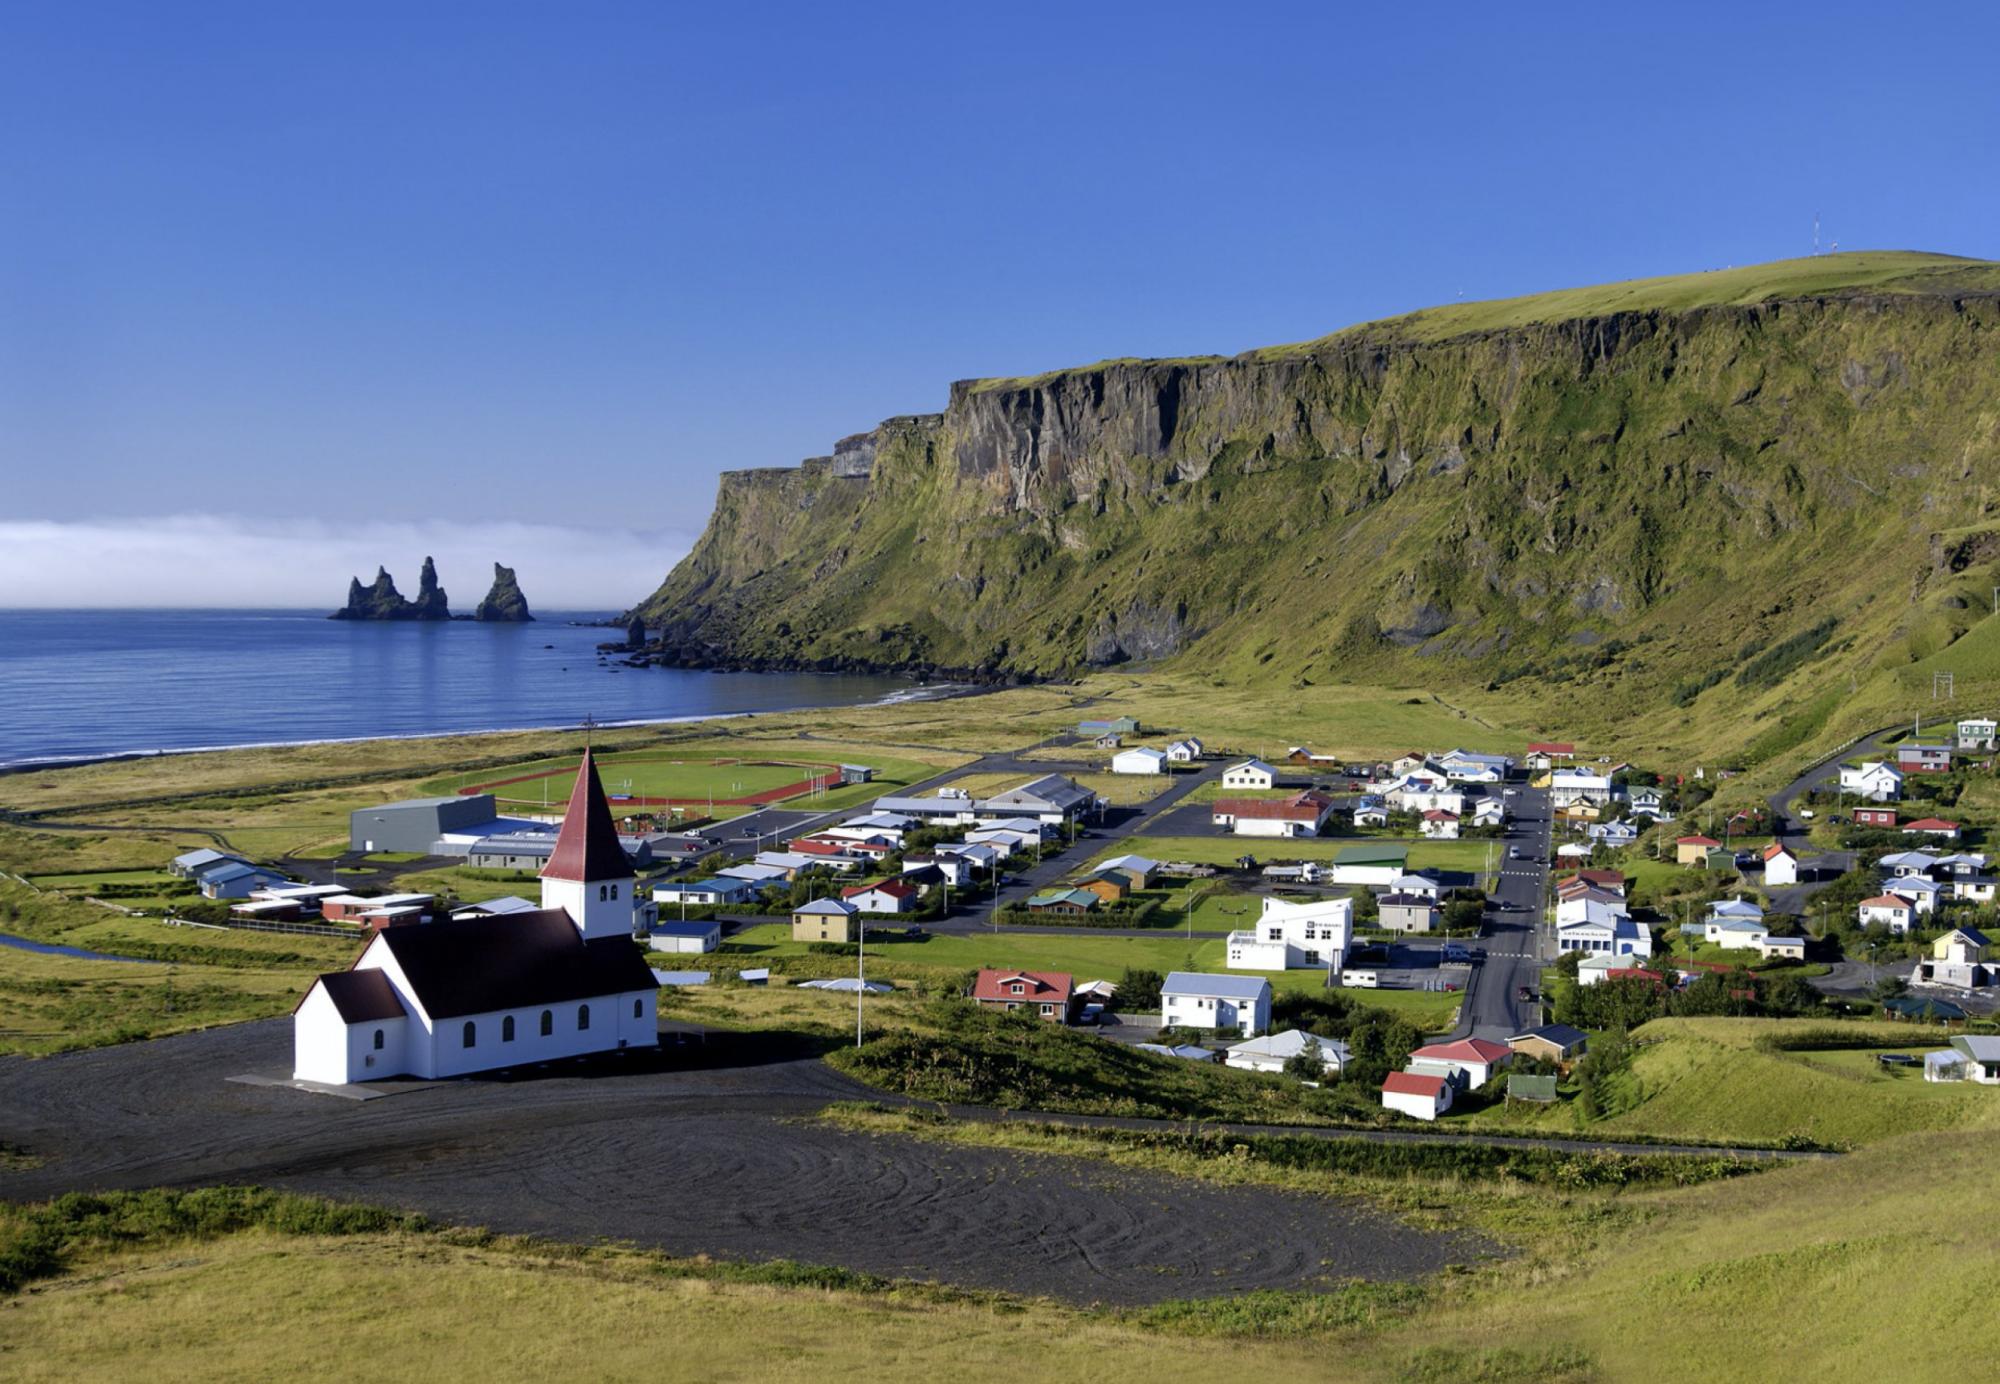 Projdeme se i po islandském pobřeží